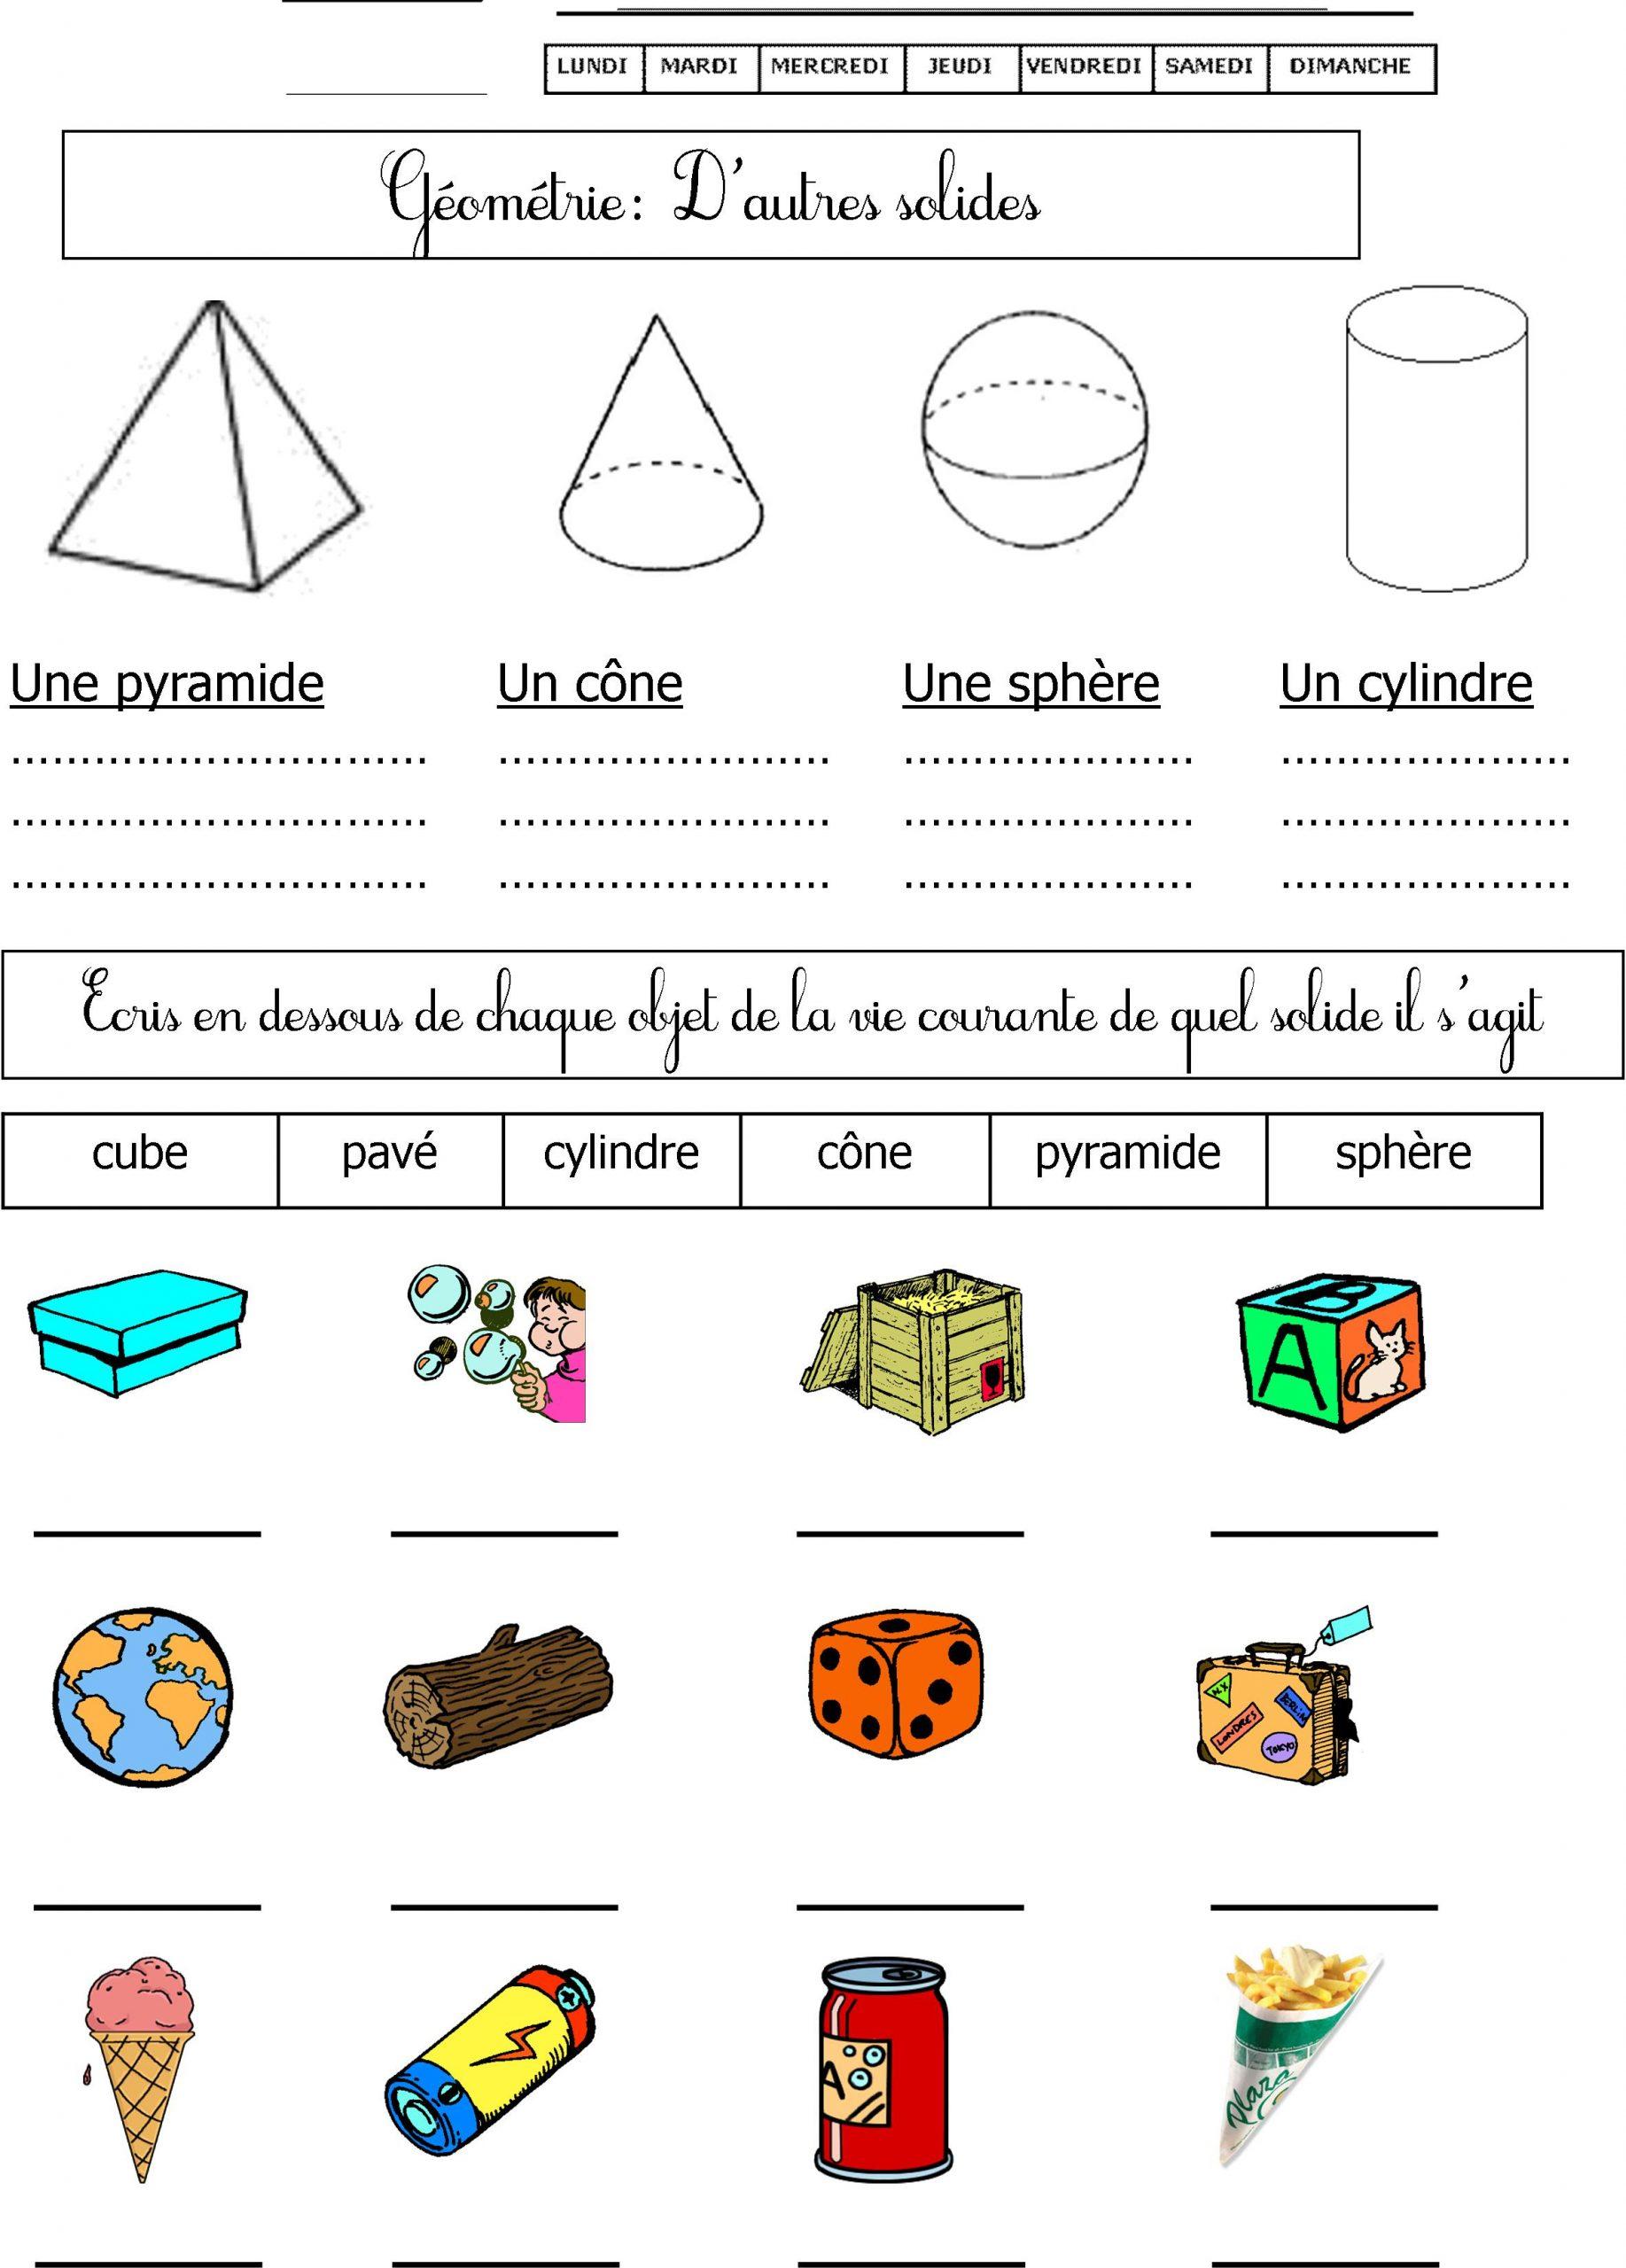 Géométrie Cp | Le Blog De Monsieur Mathieu concernant Exercice Symétrie Ce1